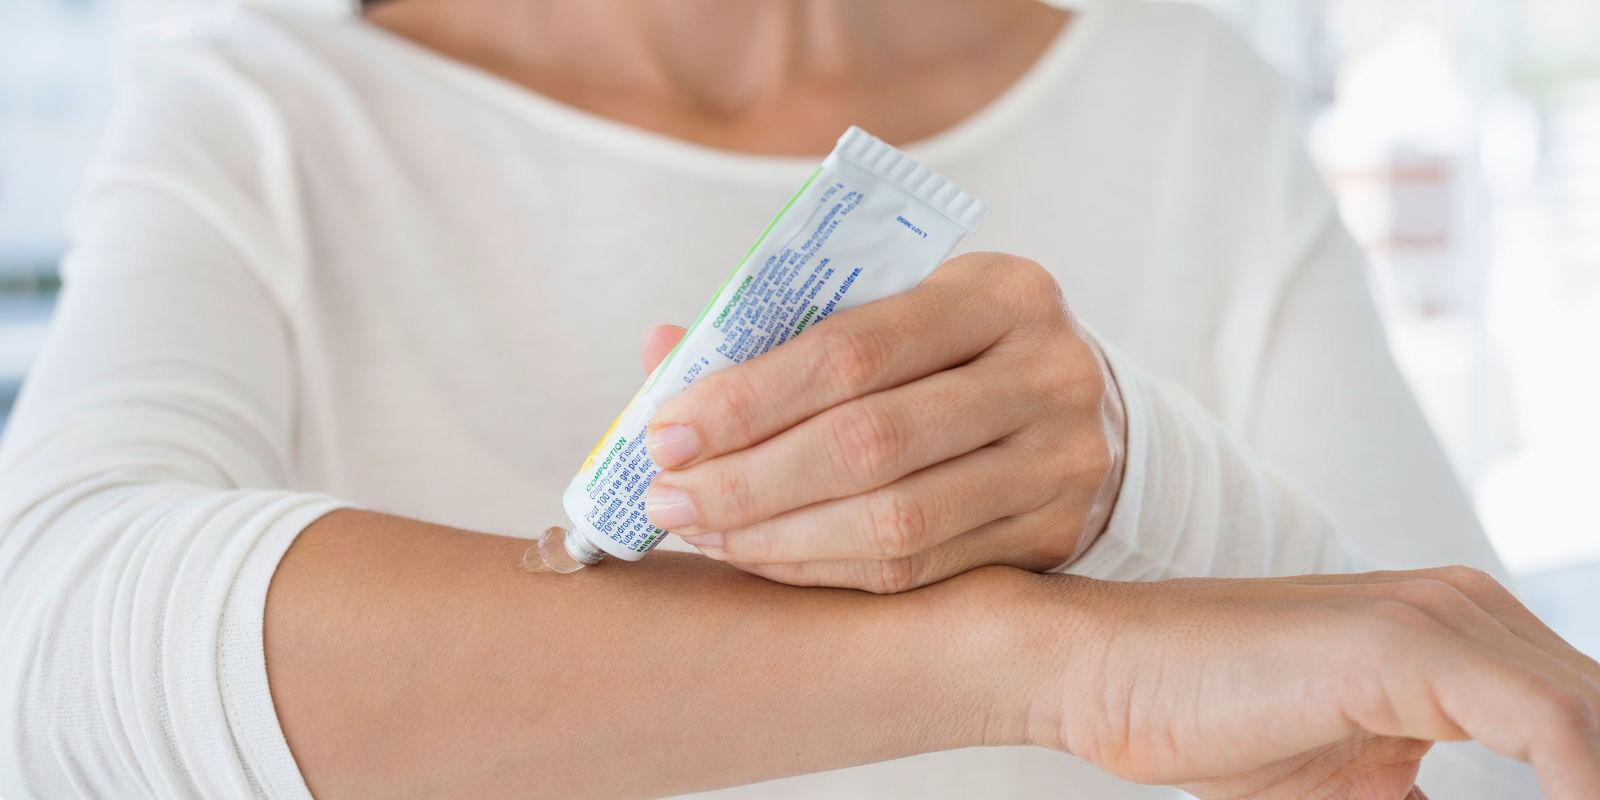 استفاده از کرم های مناسب در بارداری